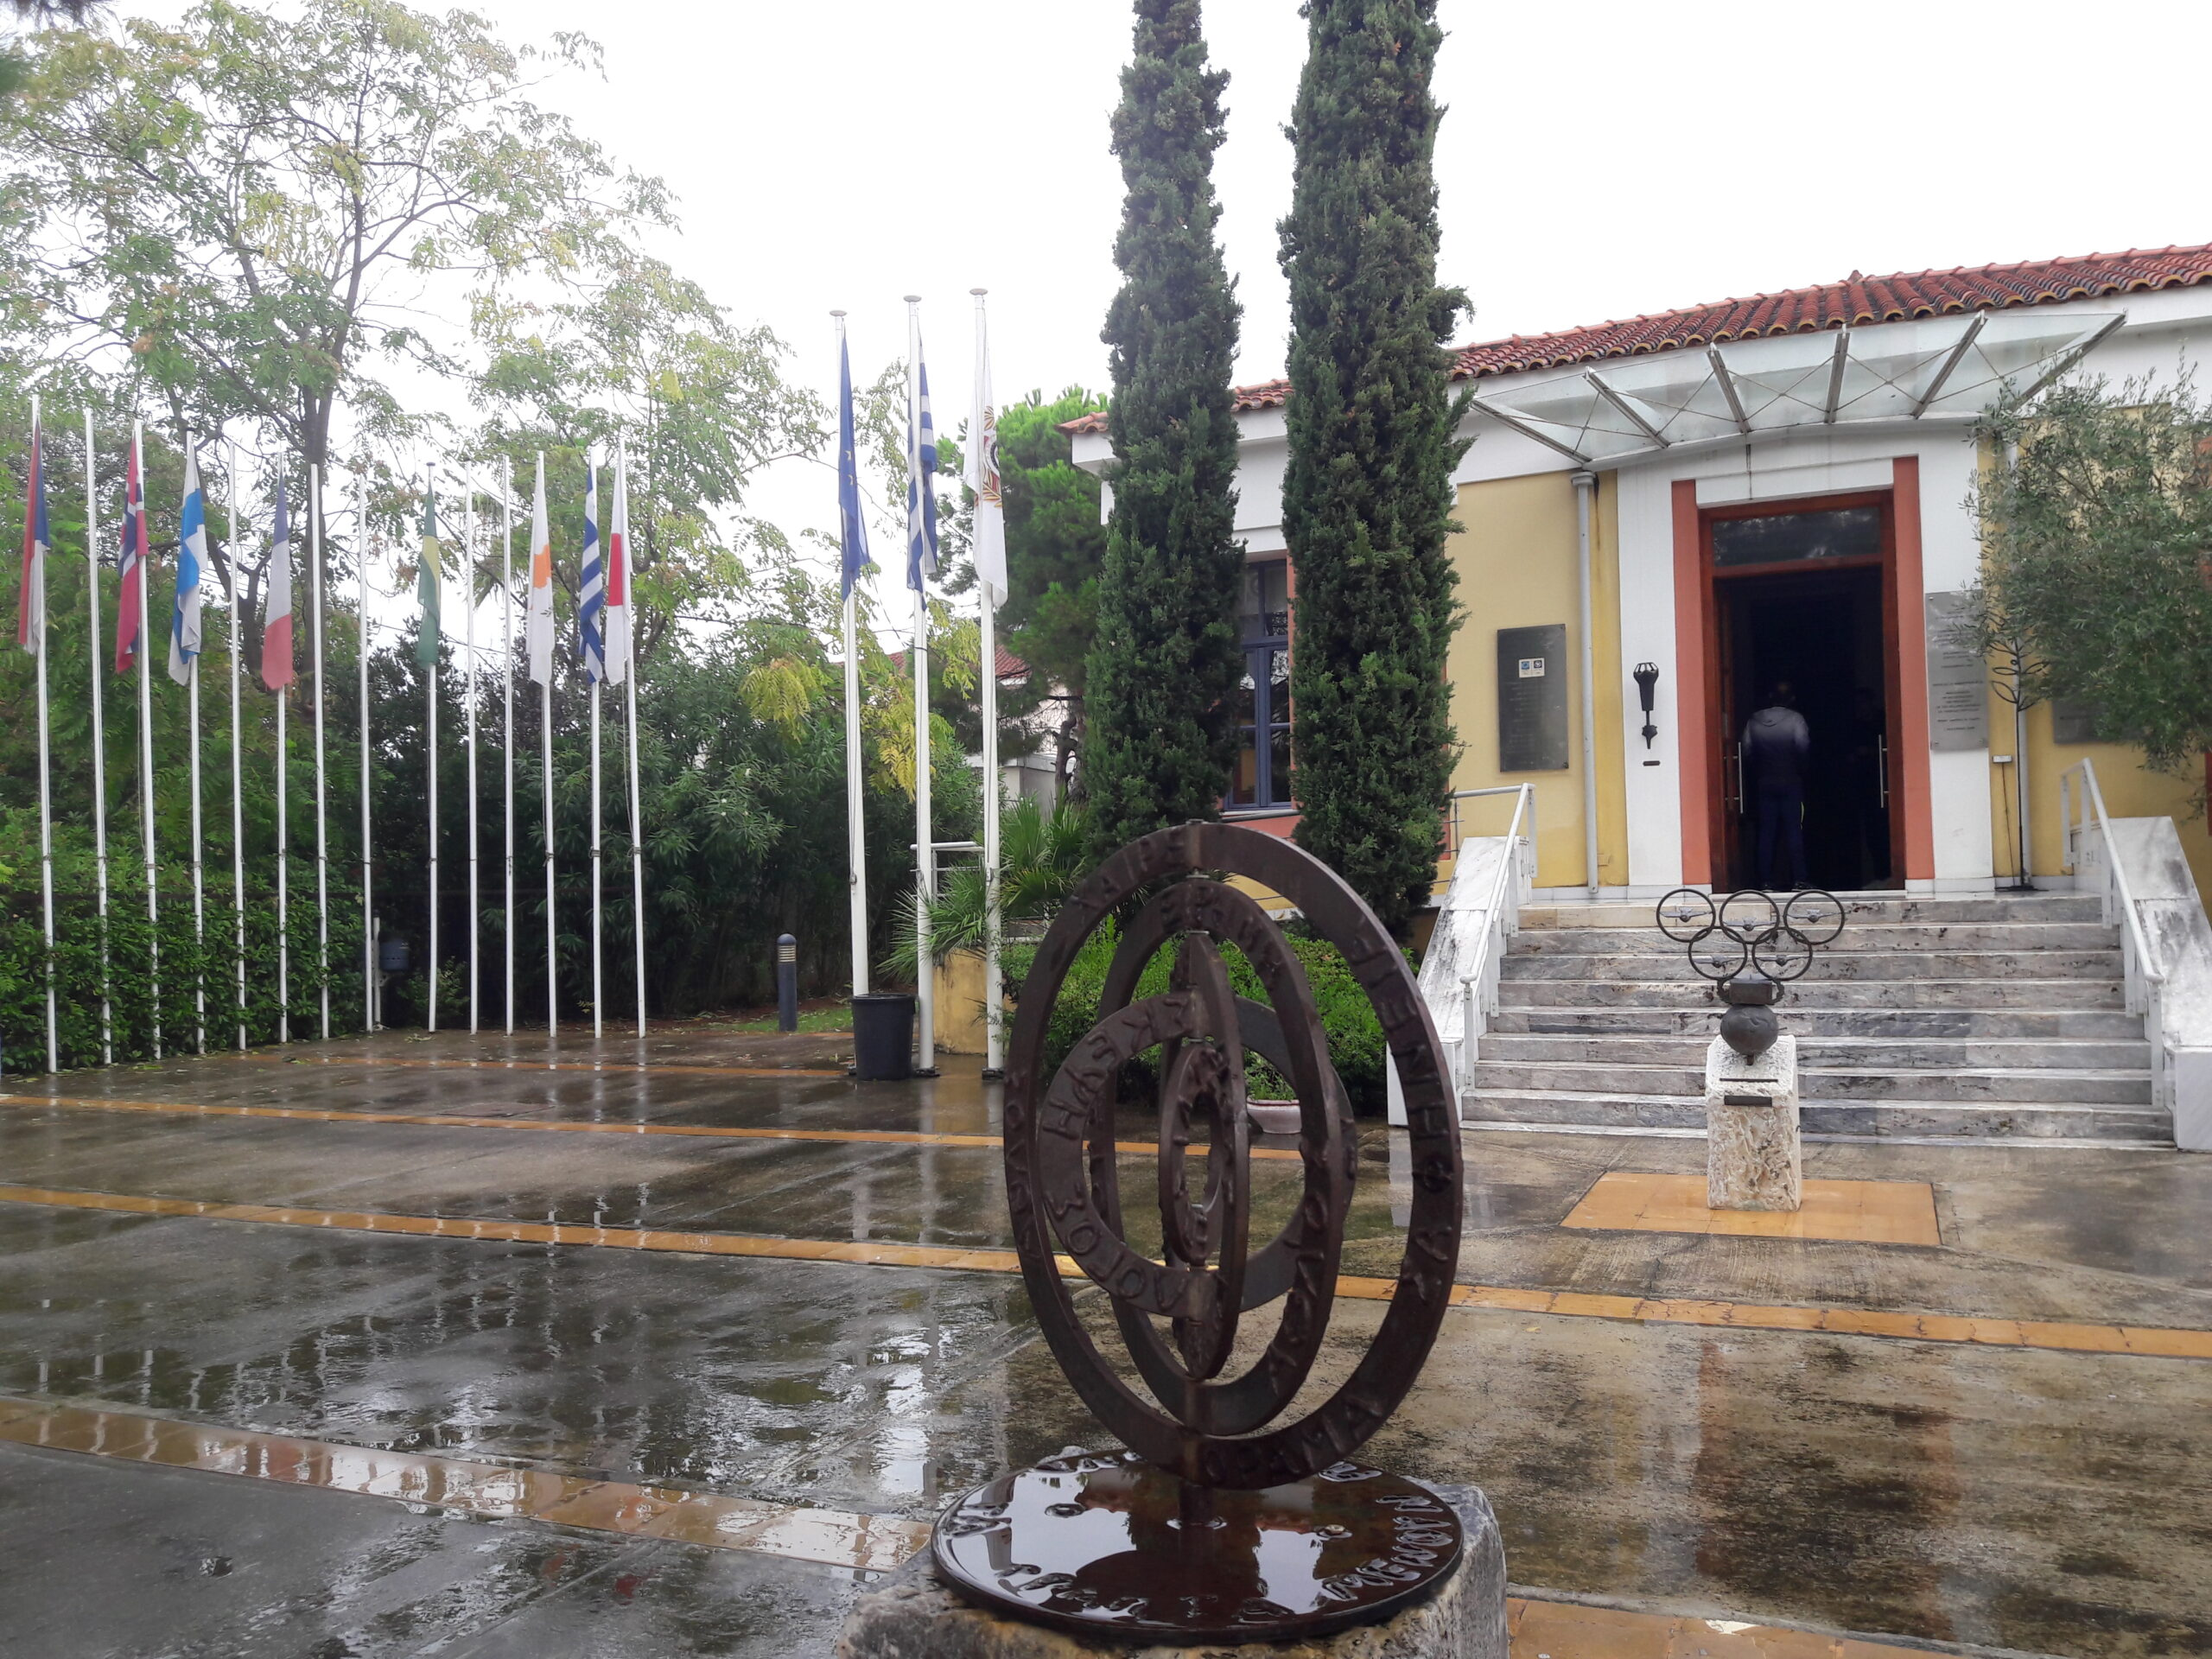 Μουσείο Μαραθωνίου Δρόμου